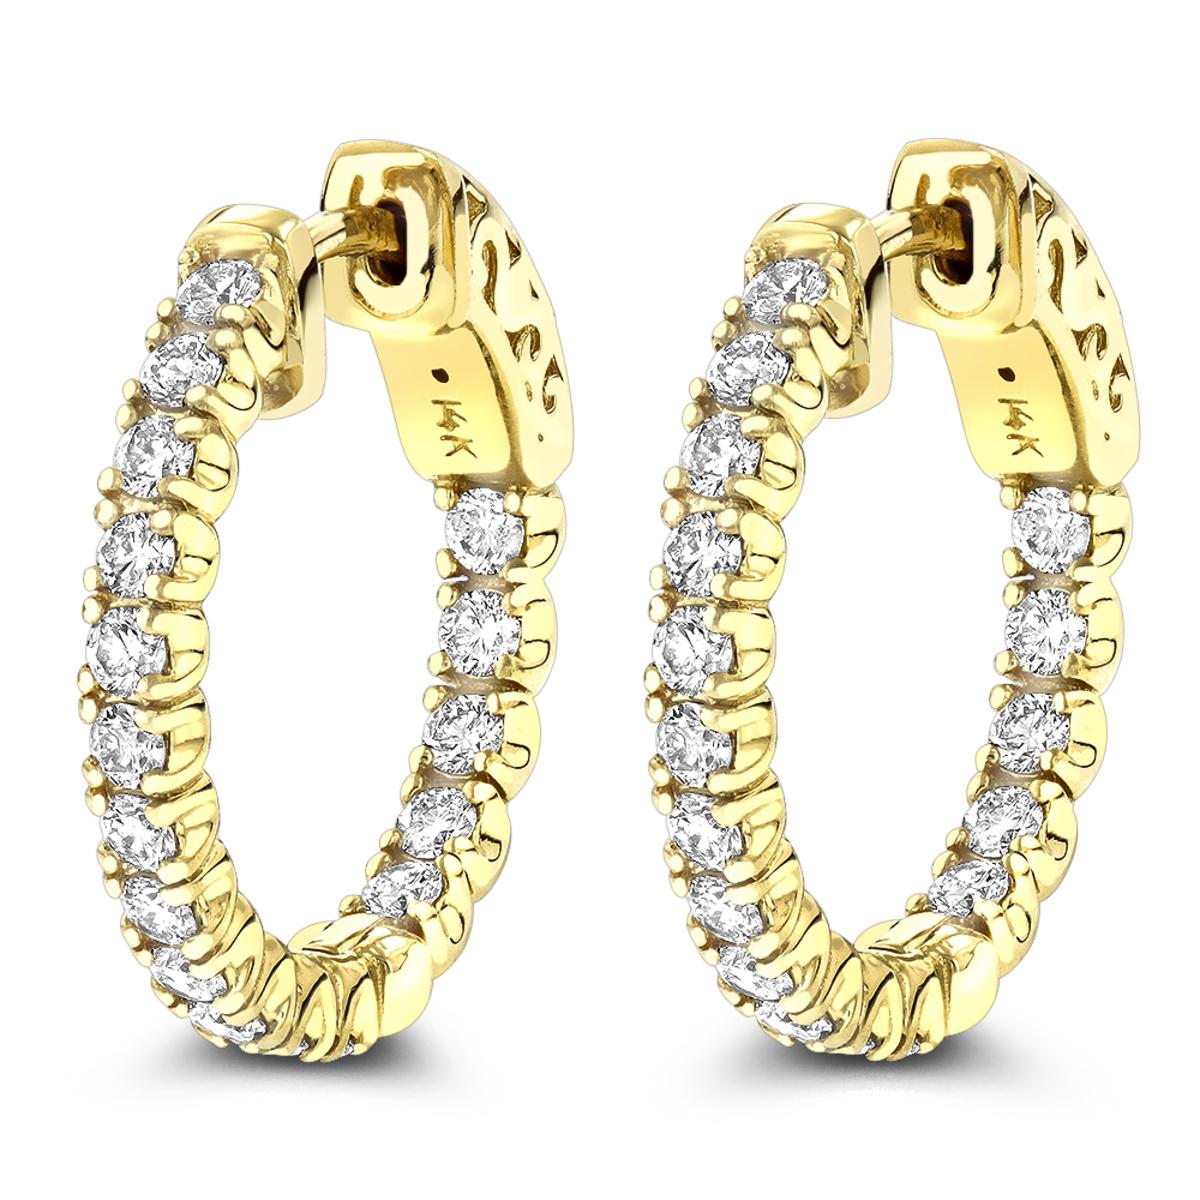 Small Hoops 14K Inside Out Diamond Hoop Earrings 1.06